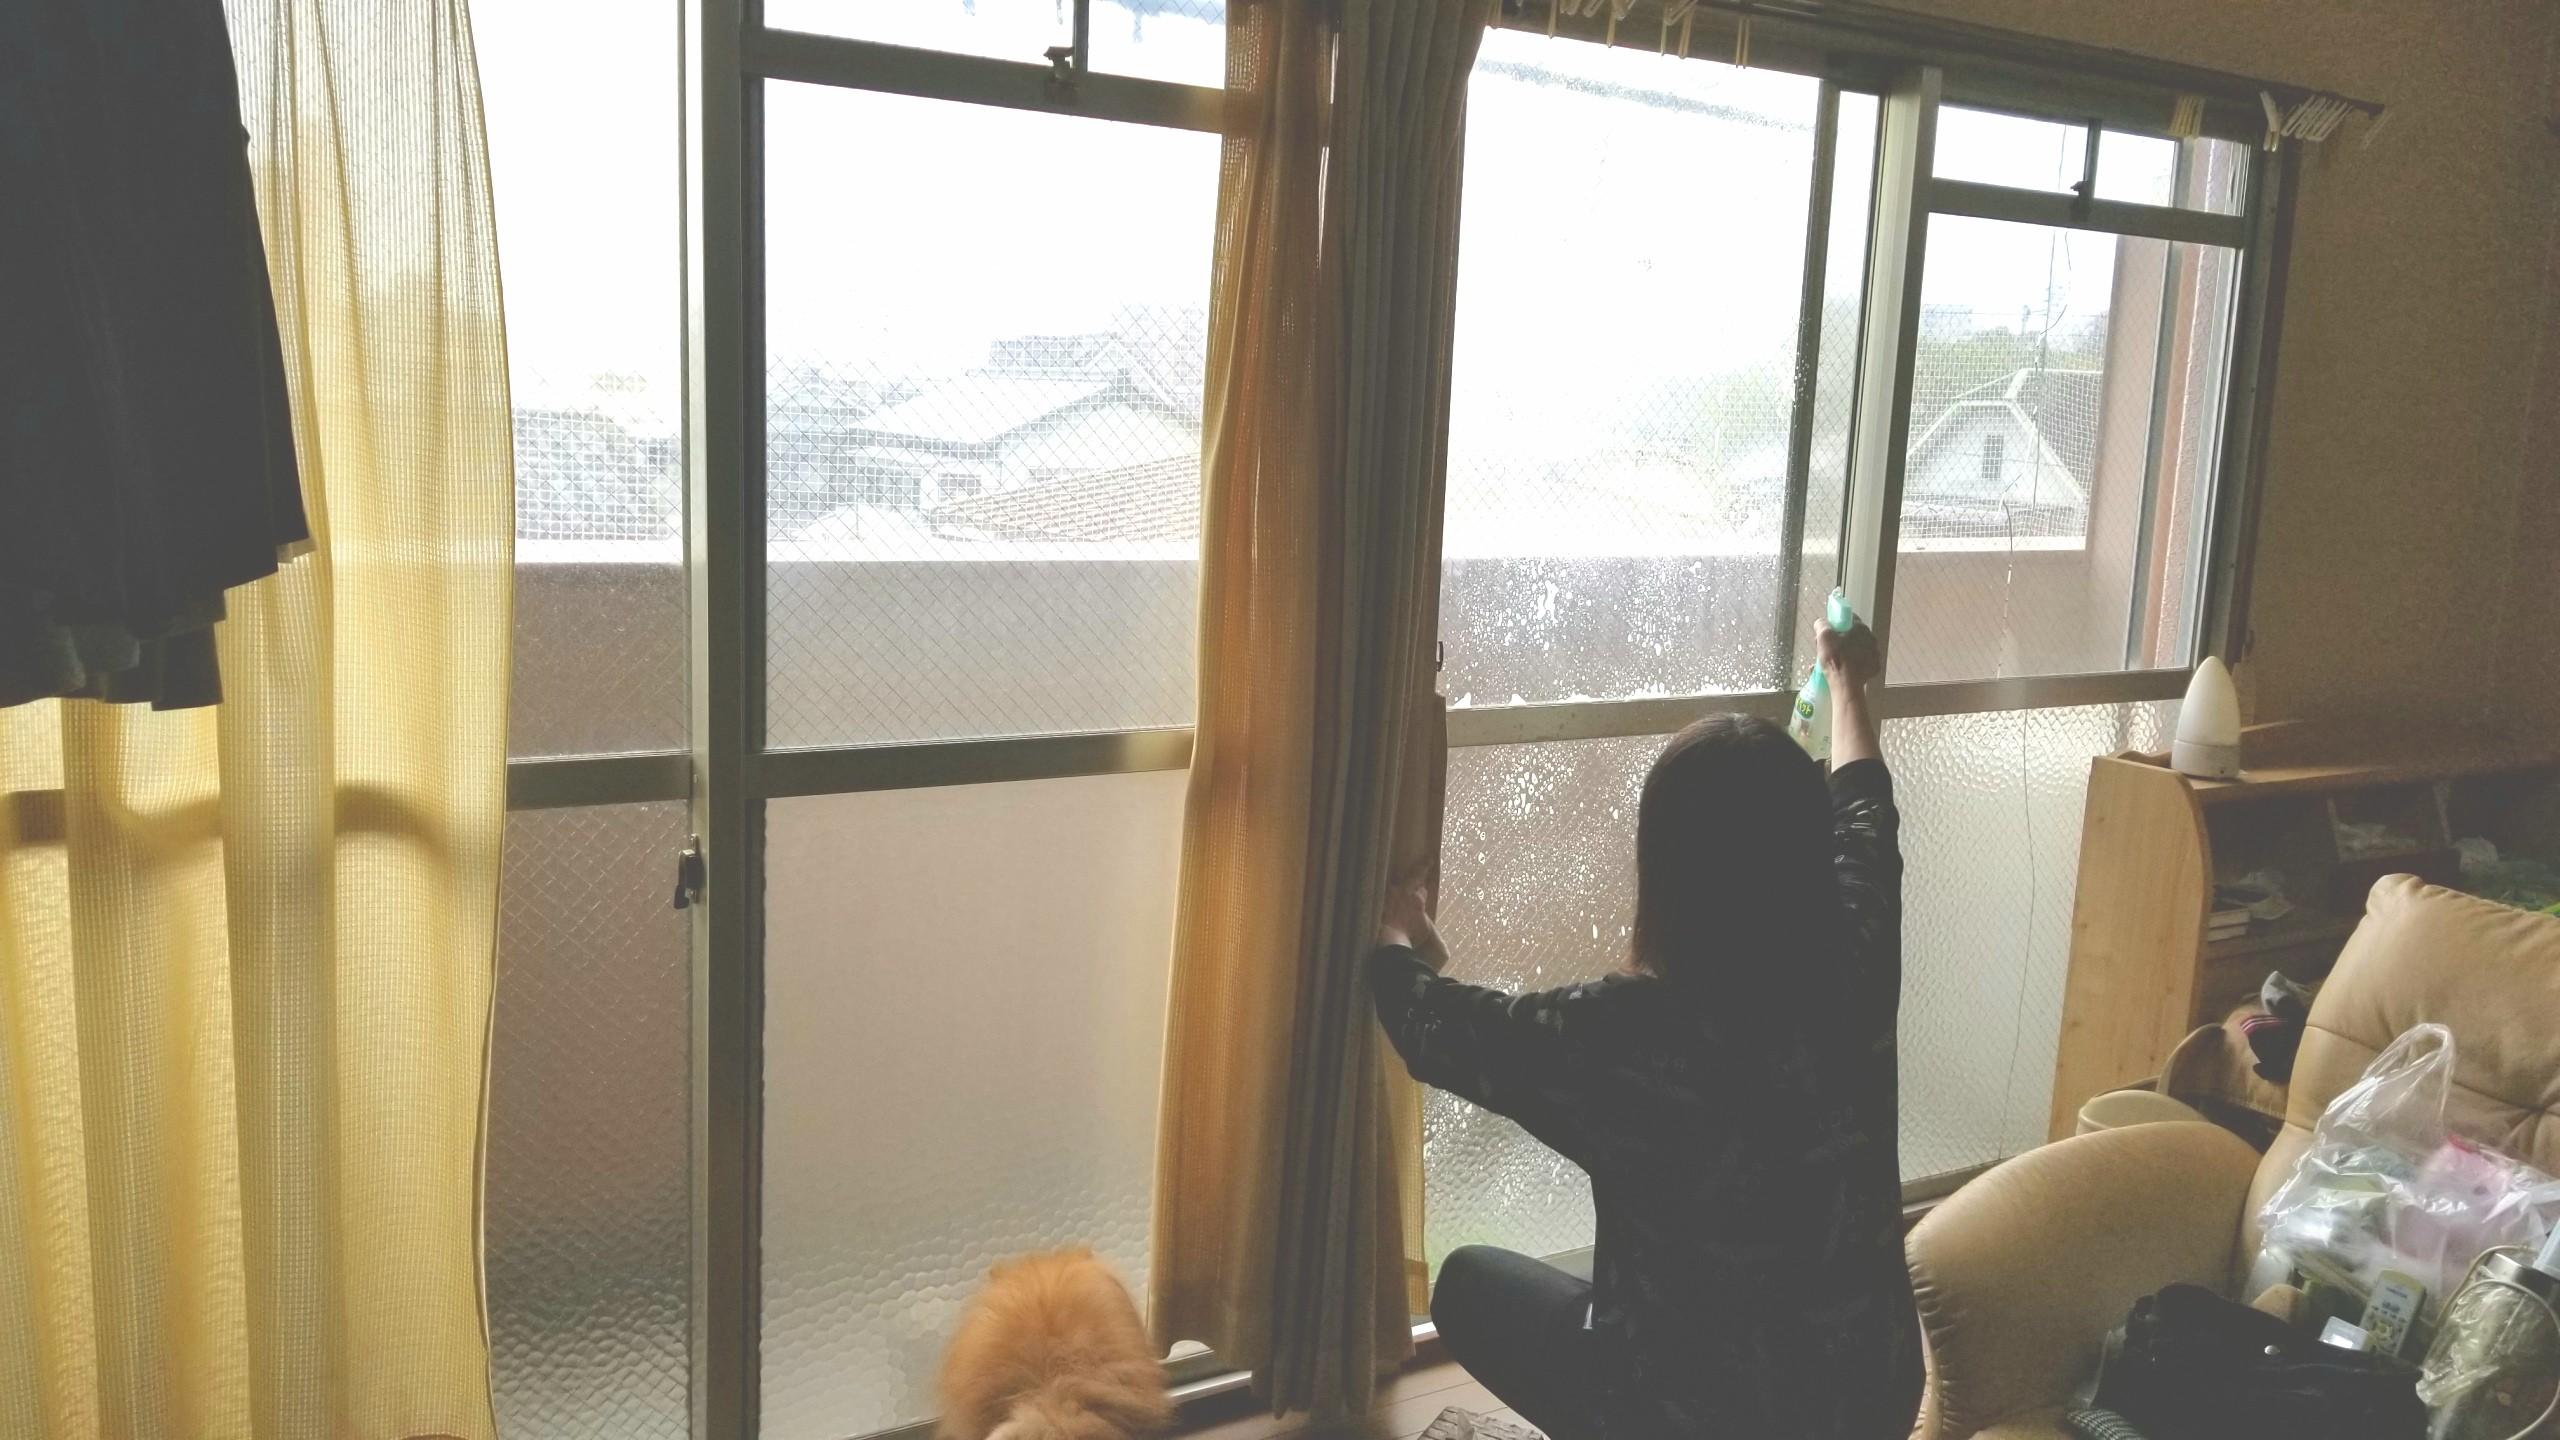 大掃除,窓拭き,かんたんマイペット,おすすめ洗剤アイテム,綺麗に